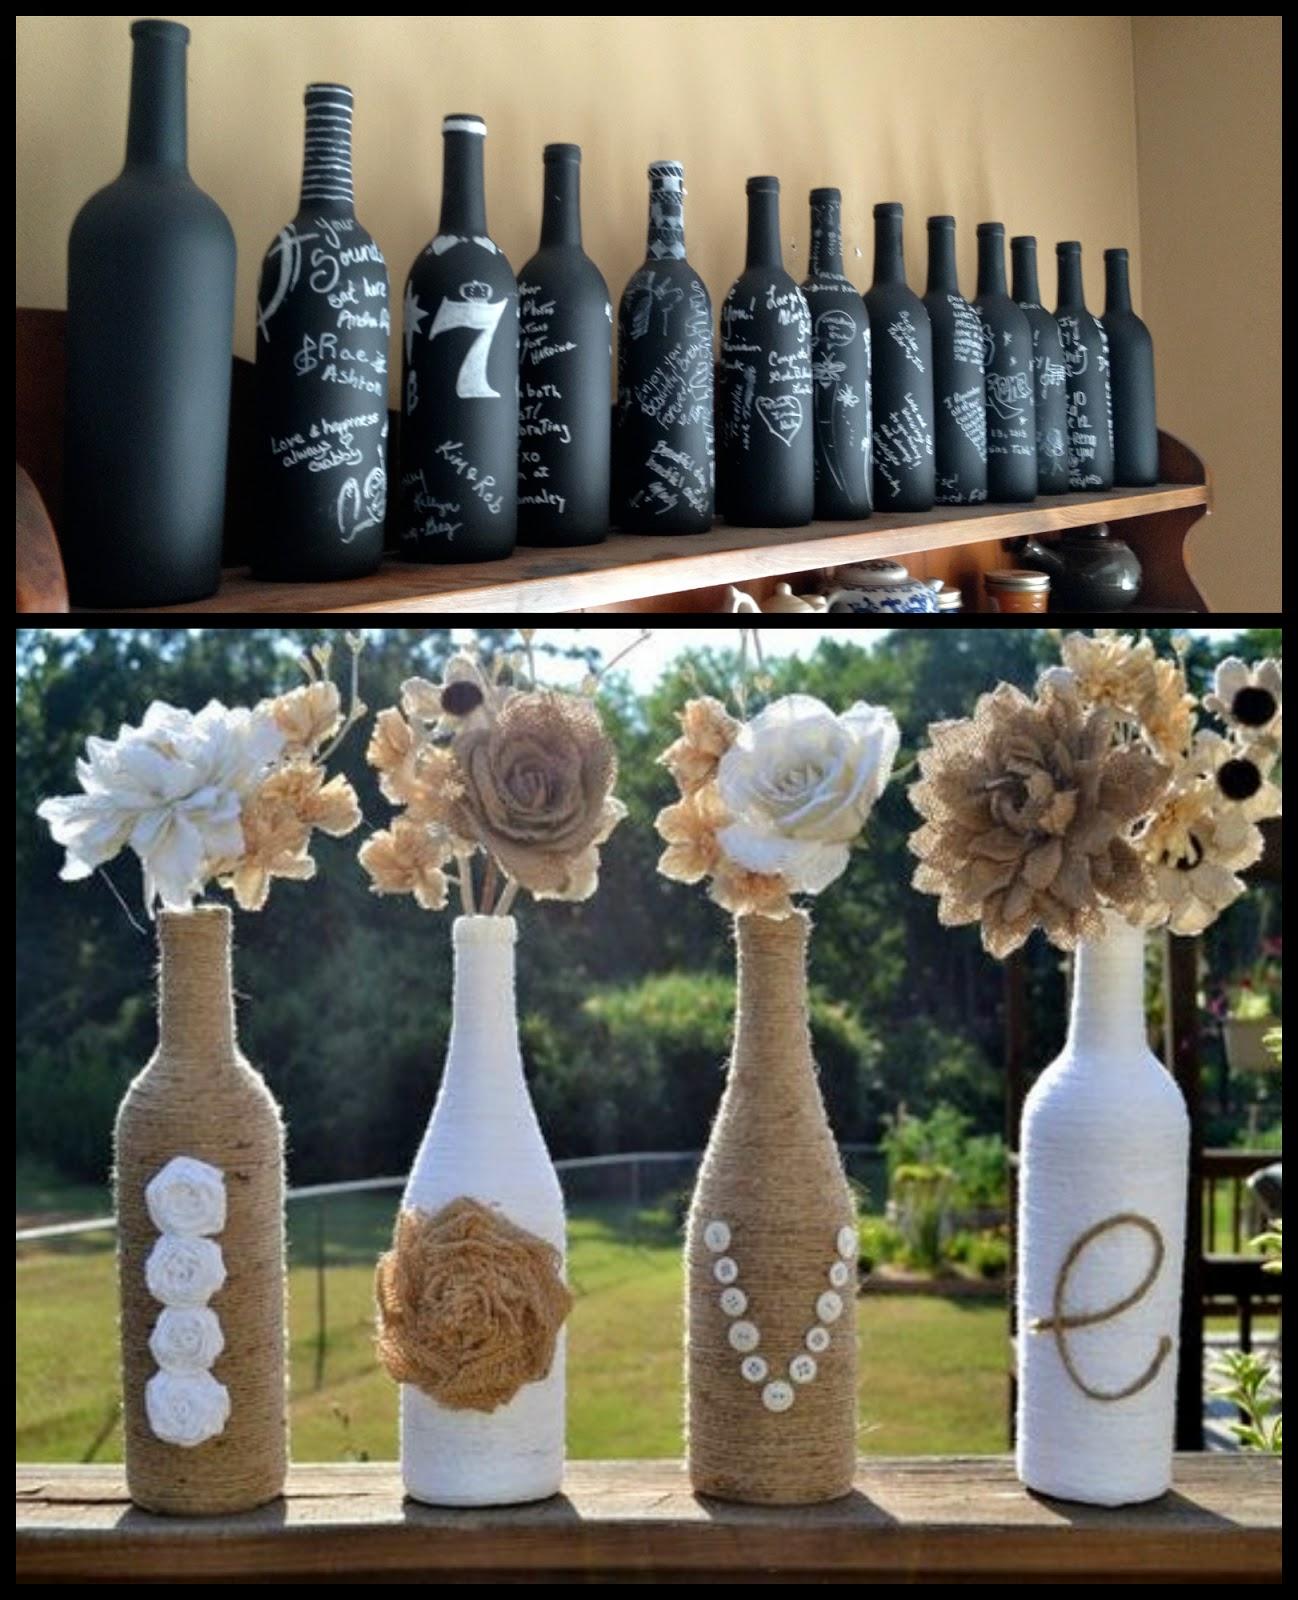 Fľašky ako dekorácia